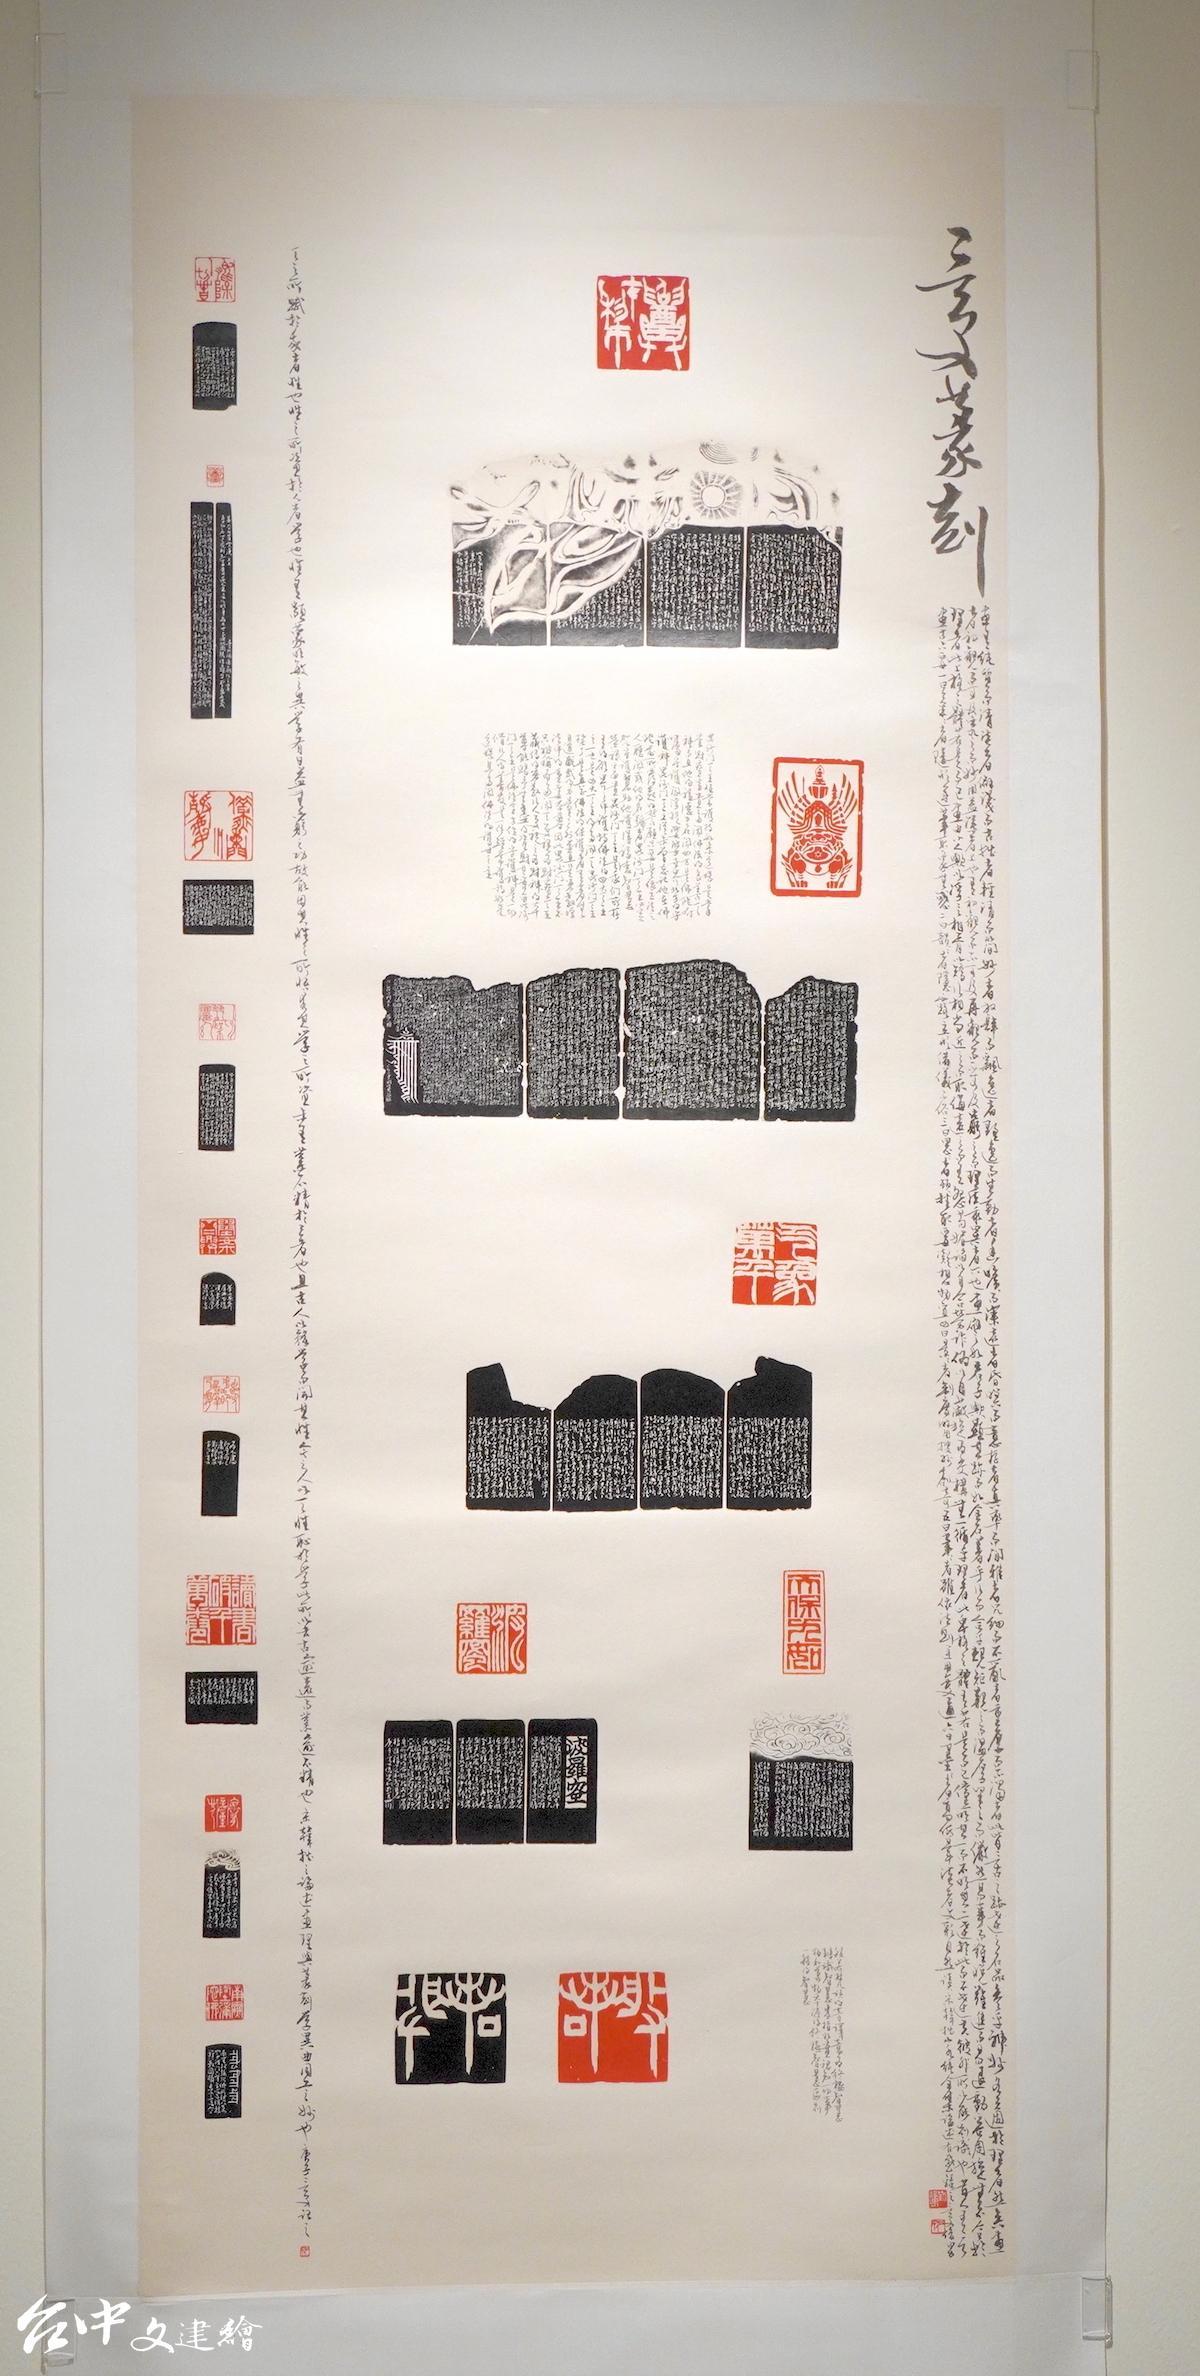 2021 全國美展,篆刻銀牌,劉俊男「三更篆刻」。(圖:台中文建繪)